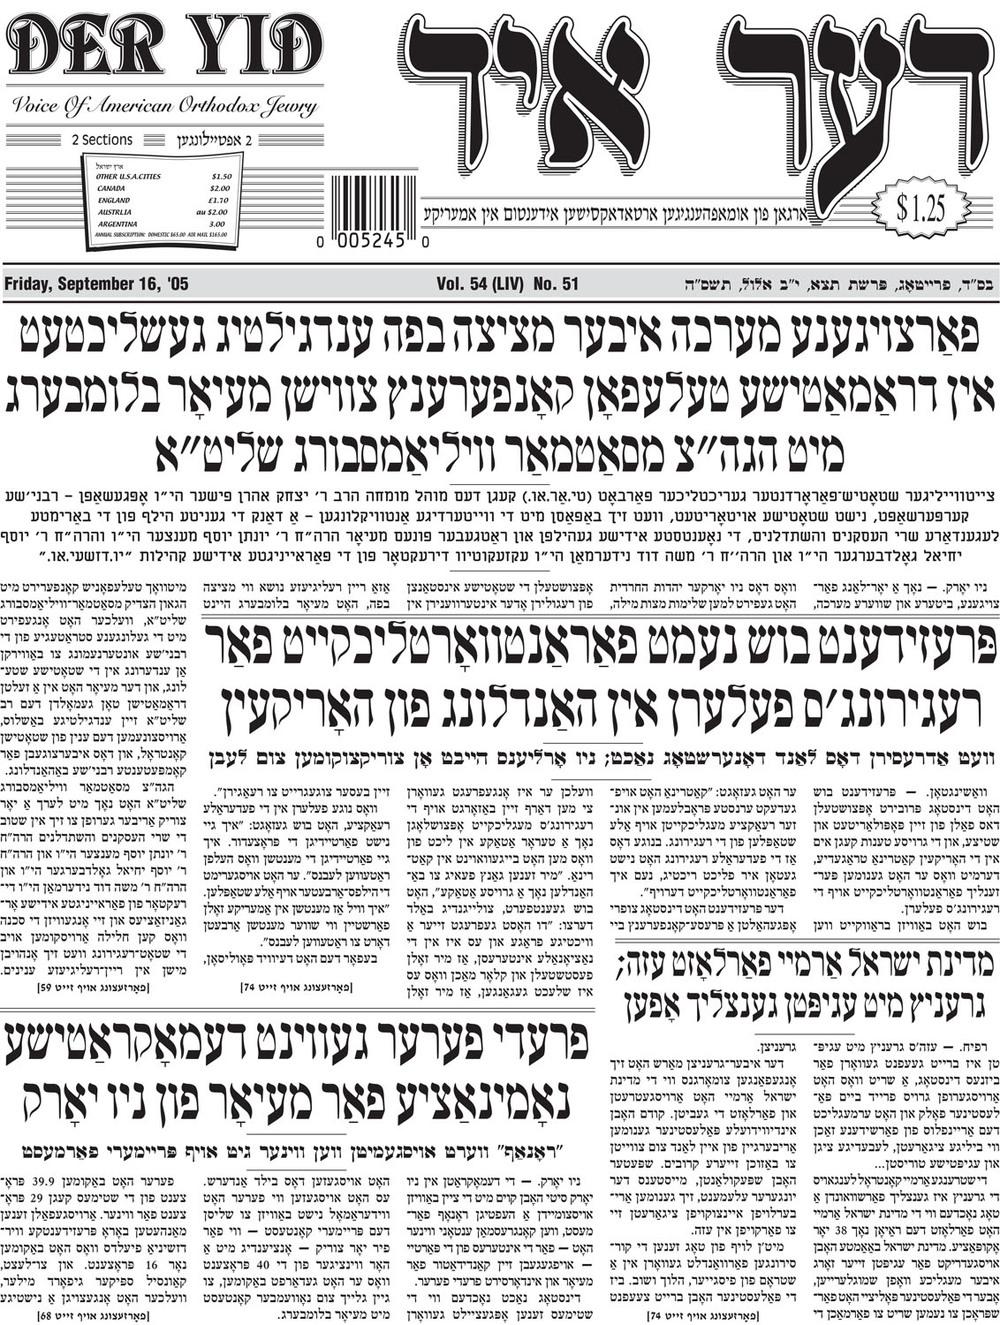 2005-9-16.jpg